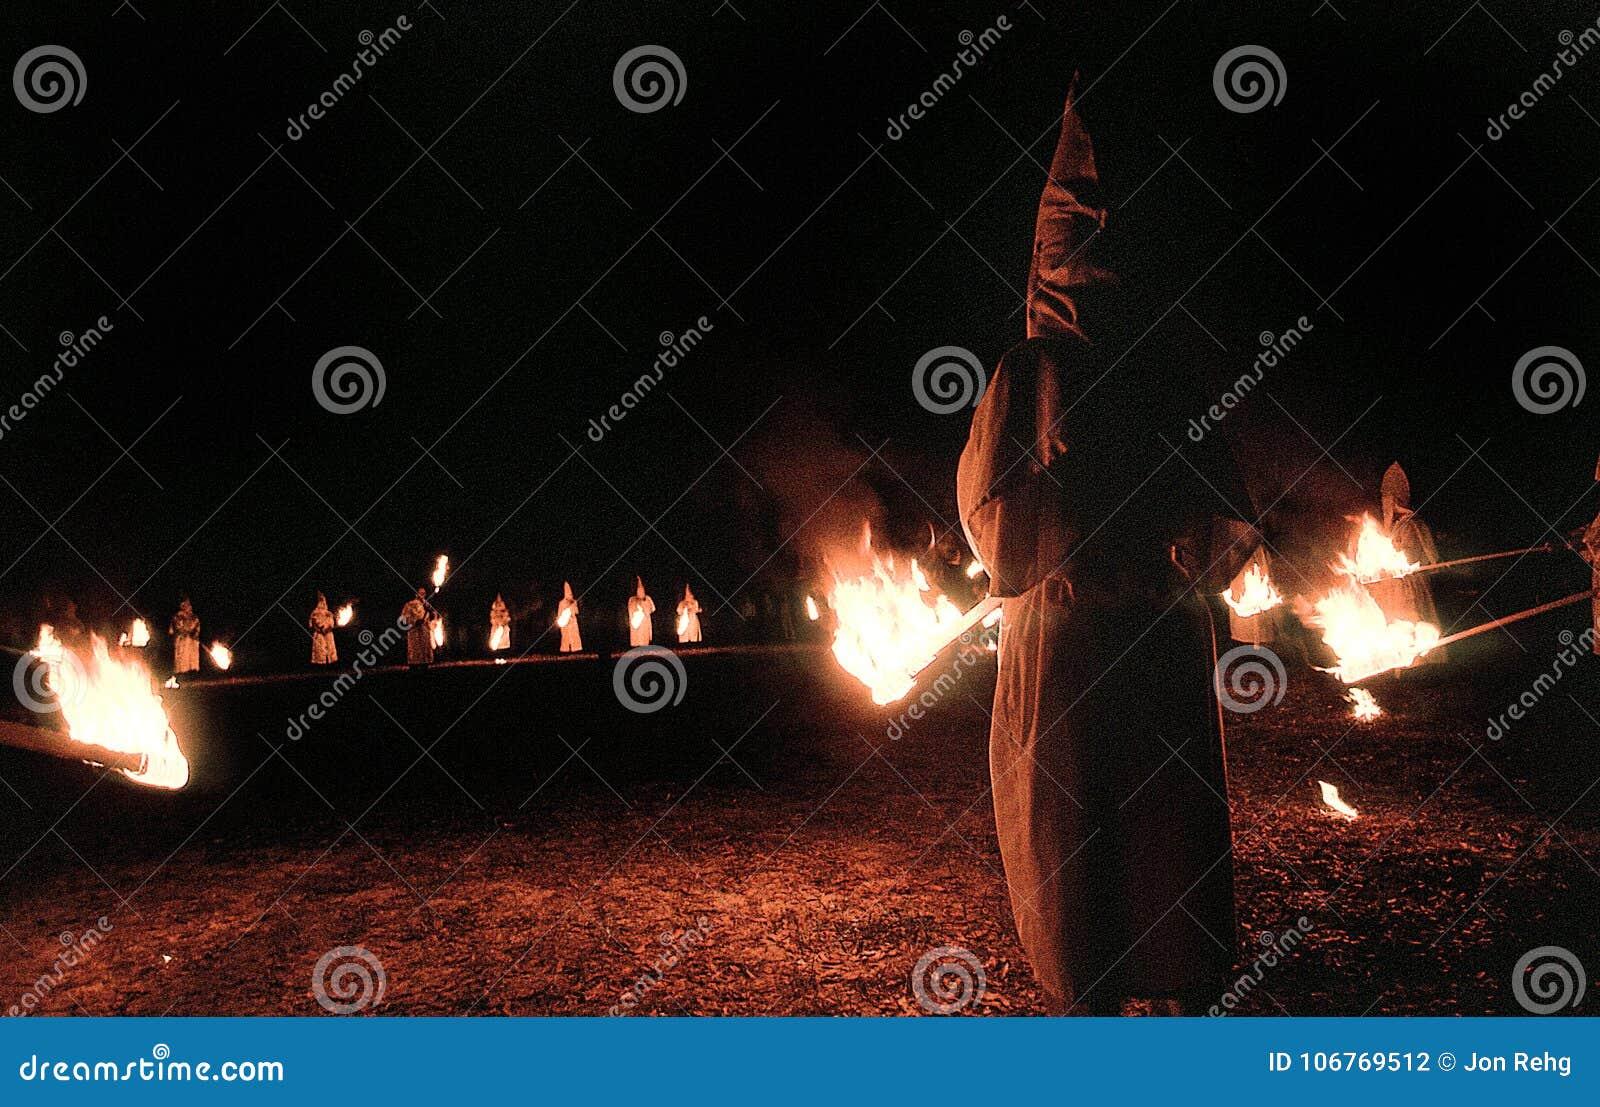 Panhandle, Florida, Verenigde Staten - circa 1995 - de Ceremonieleden van de Ku Klux Klankkk Nacht in Witte Robes, Kappen en bran